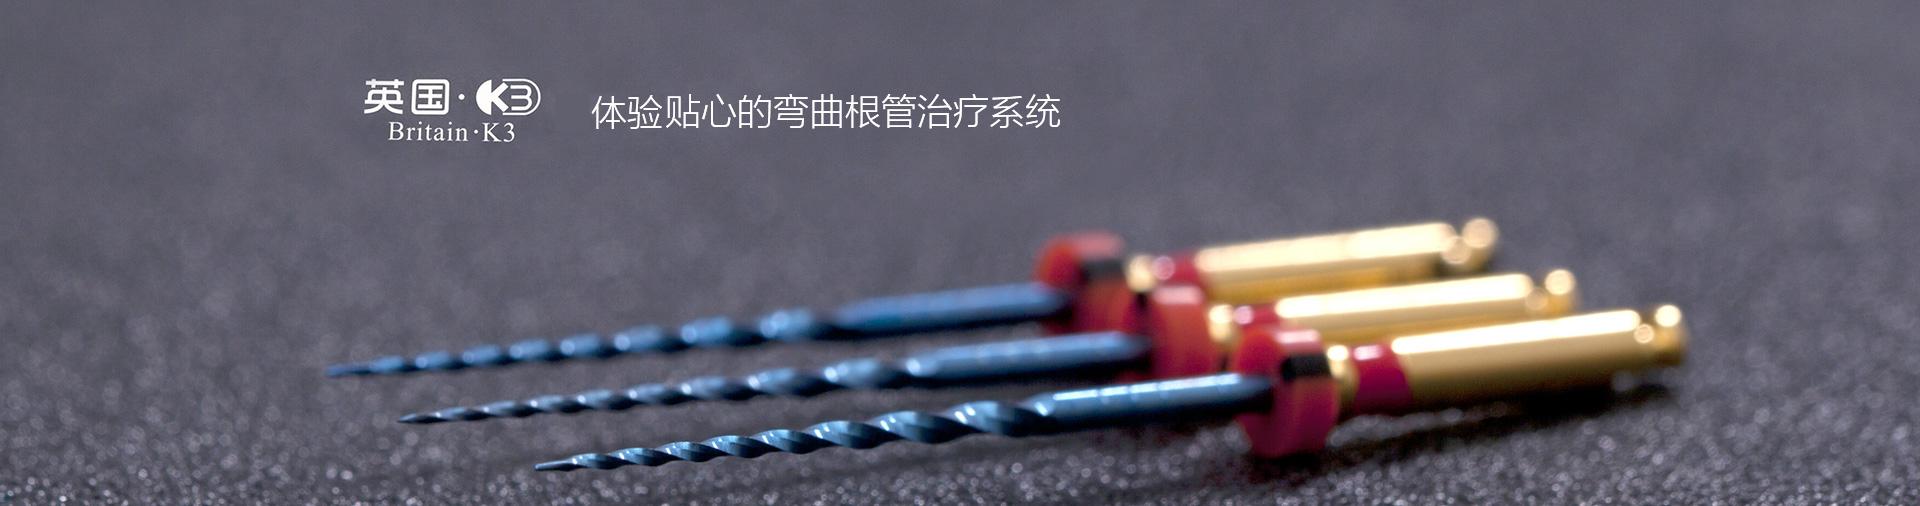 千赢官方网站_首页